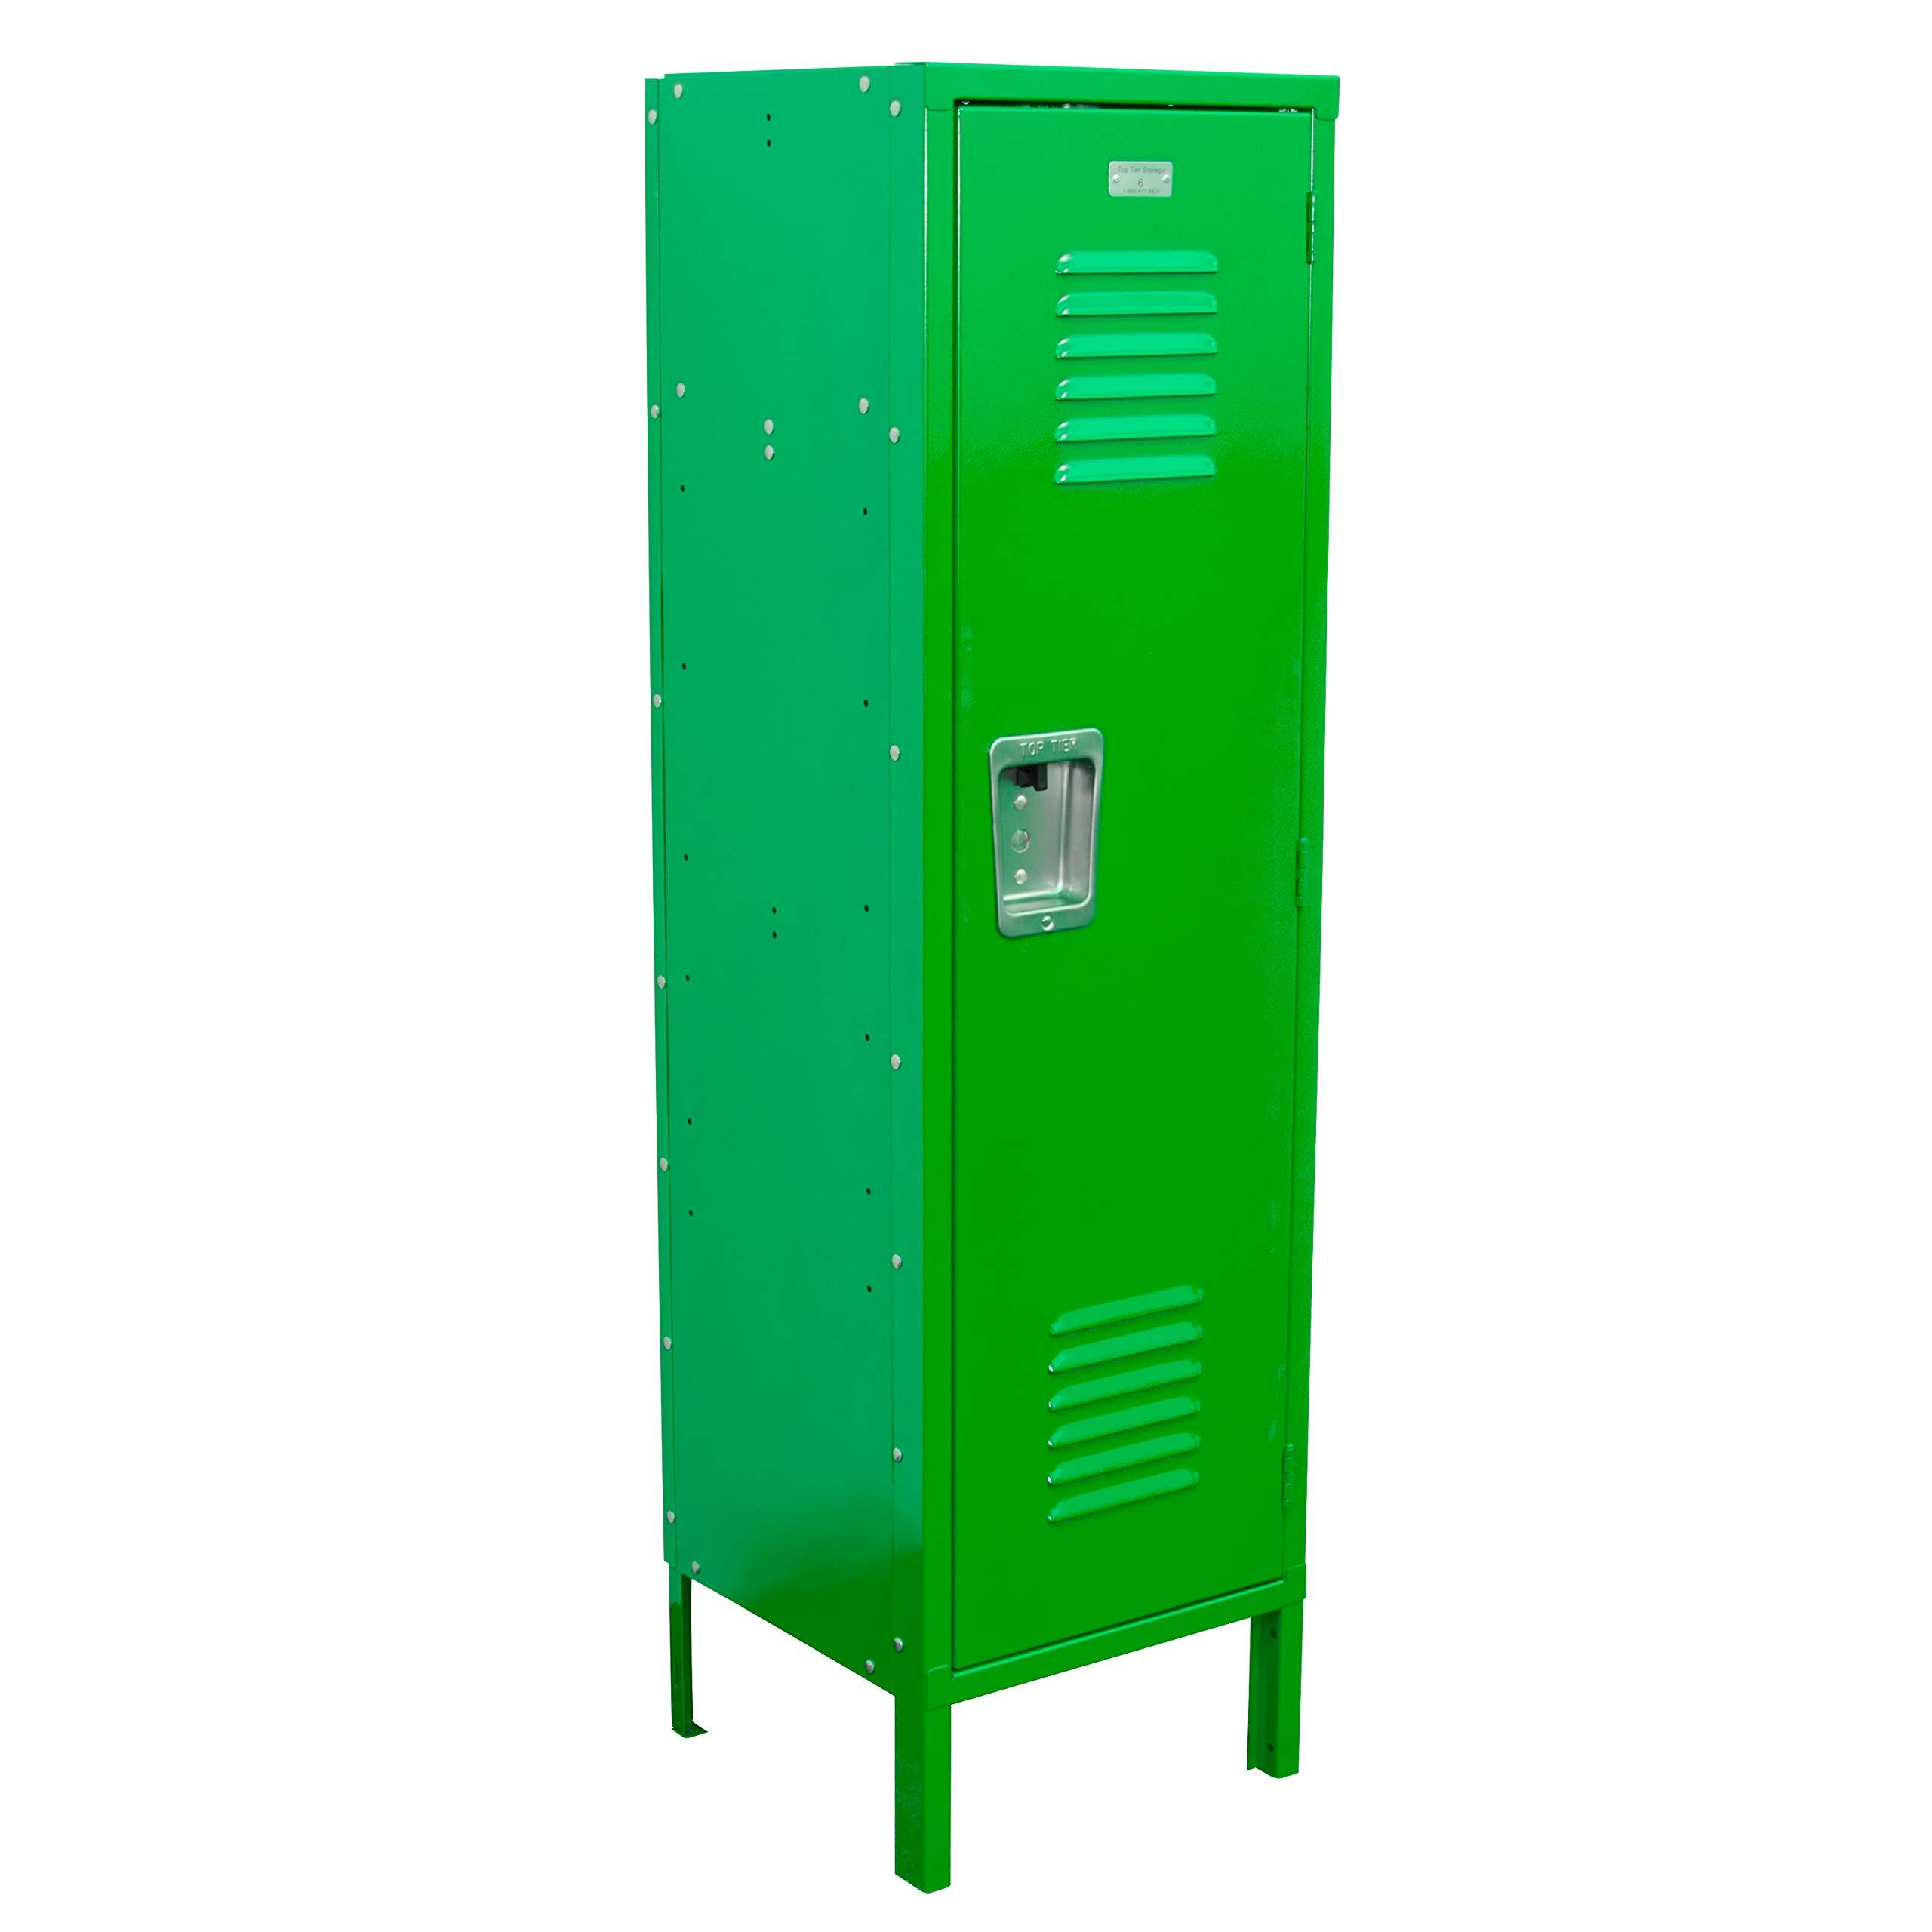 Kids Locker 15W x 15D x 54H Unassembled in 8 Amazing Colors (Green)